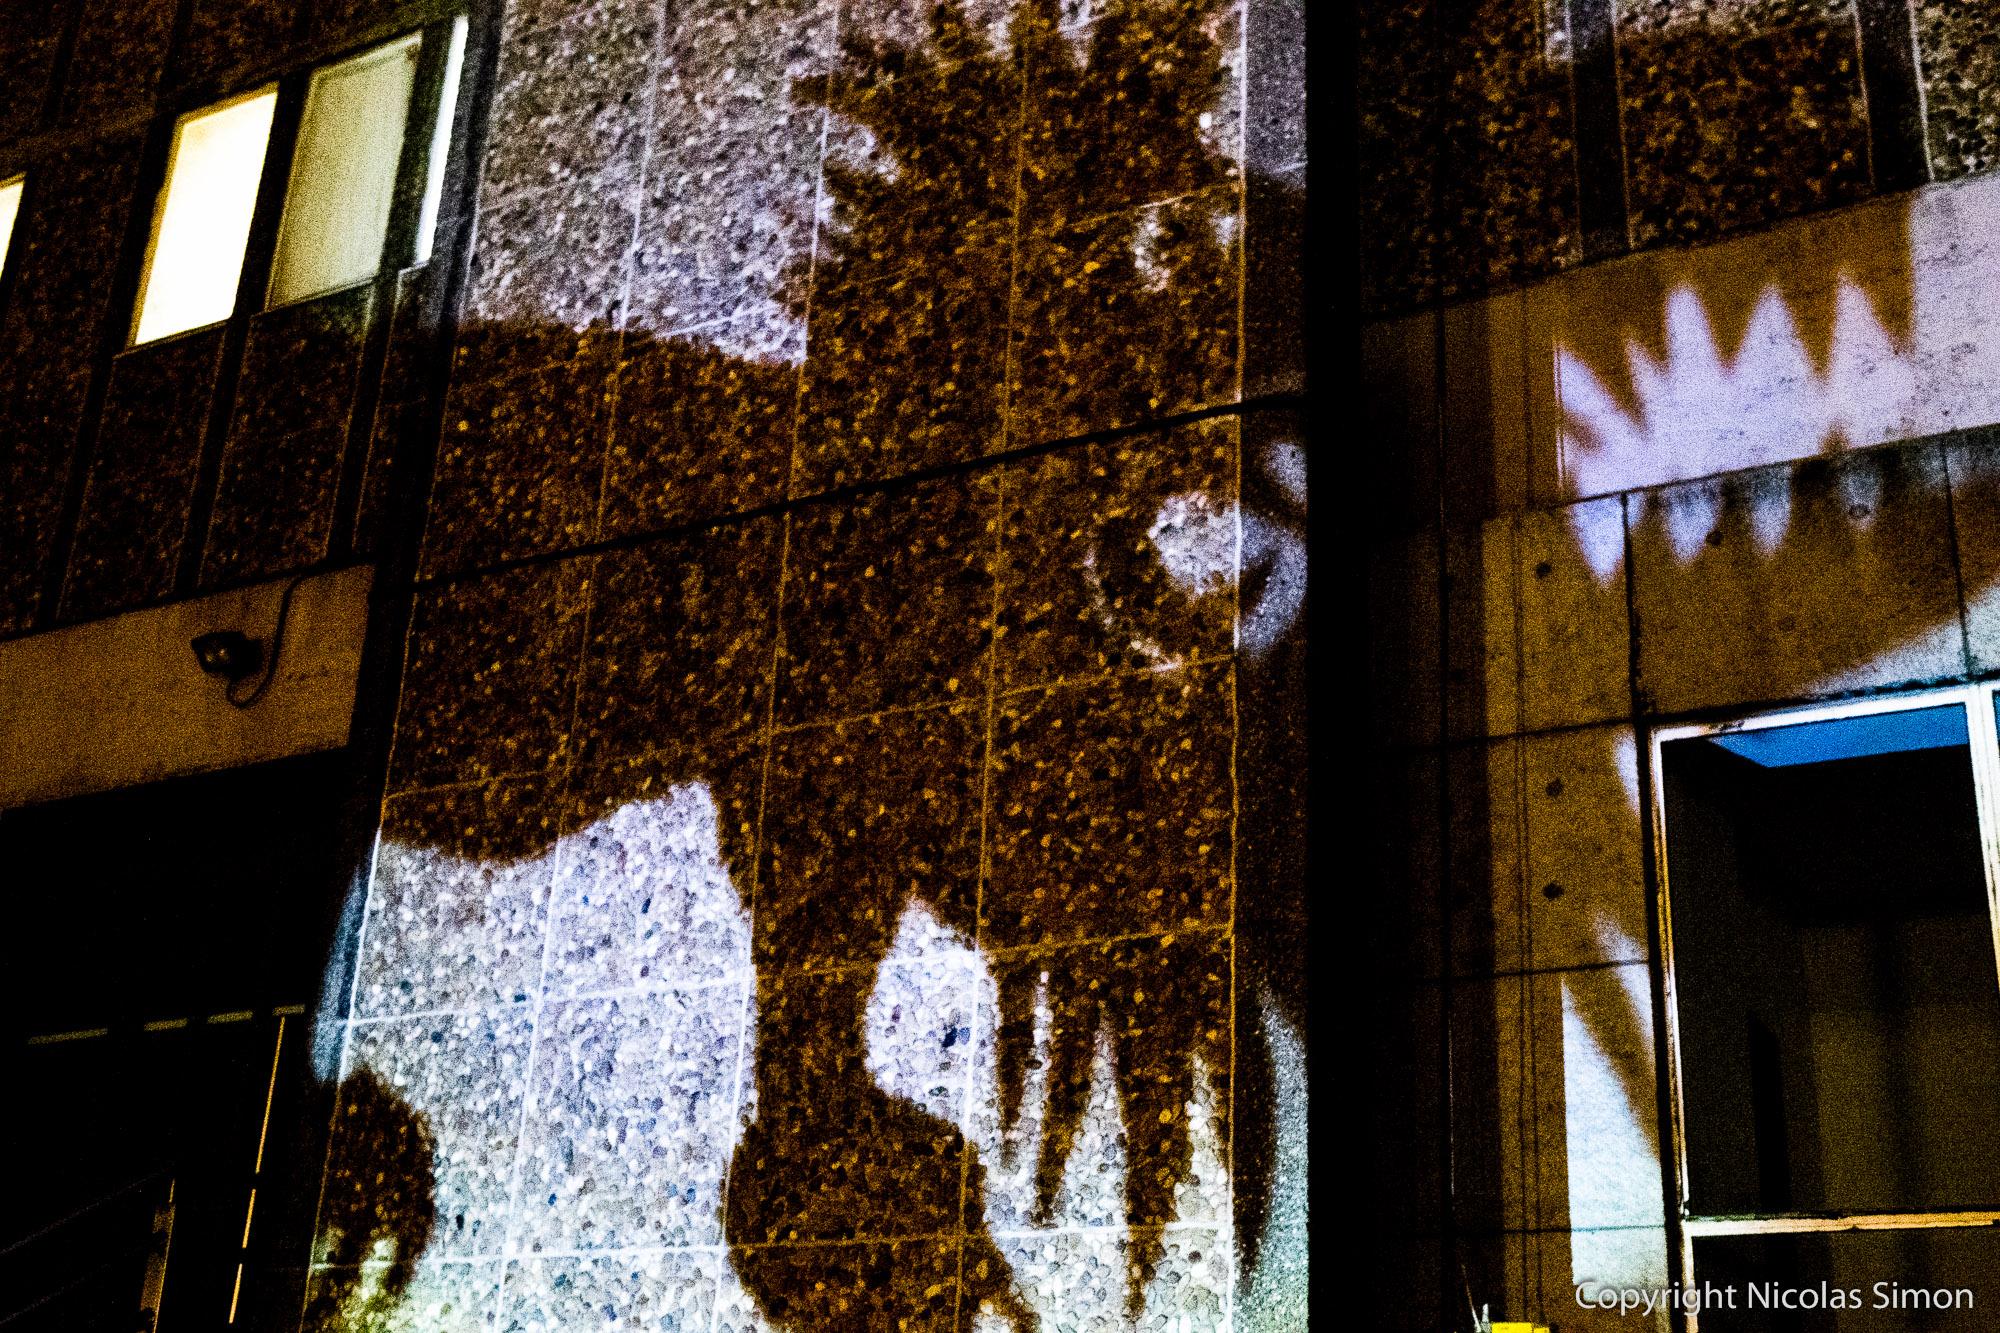 ombres-geantes-animalia_014-01585